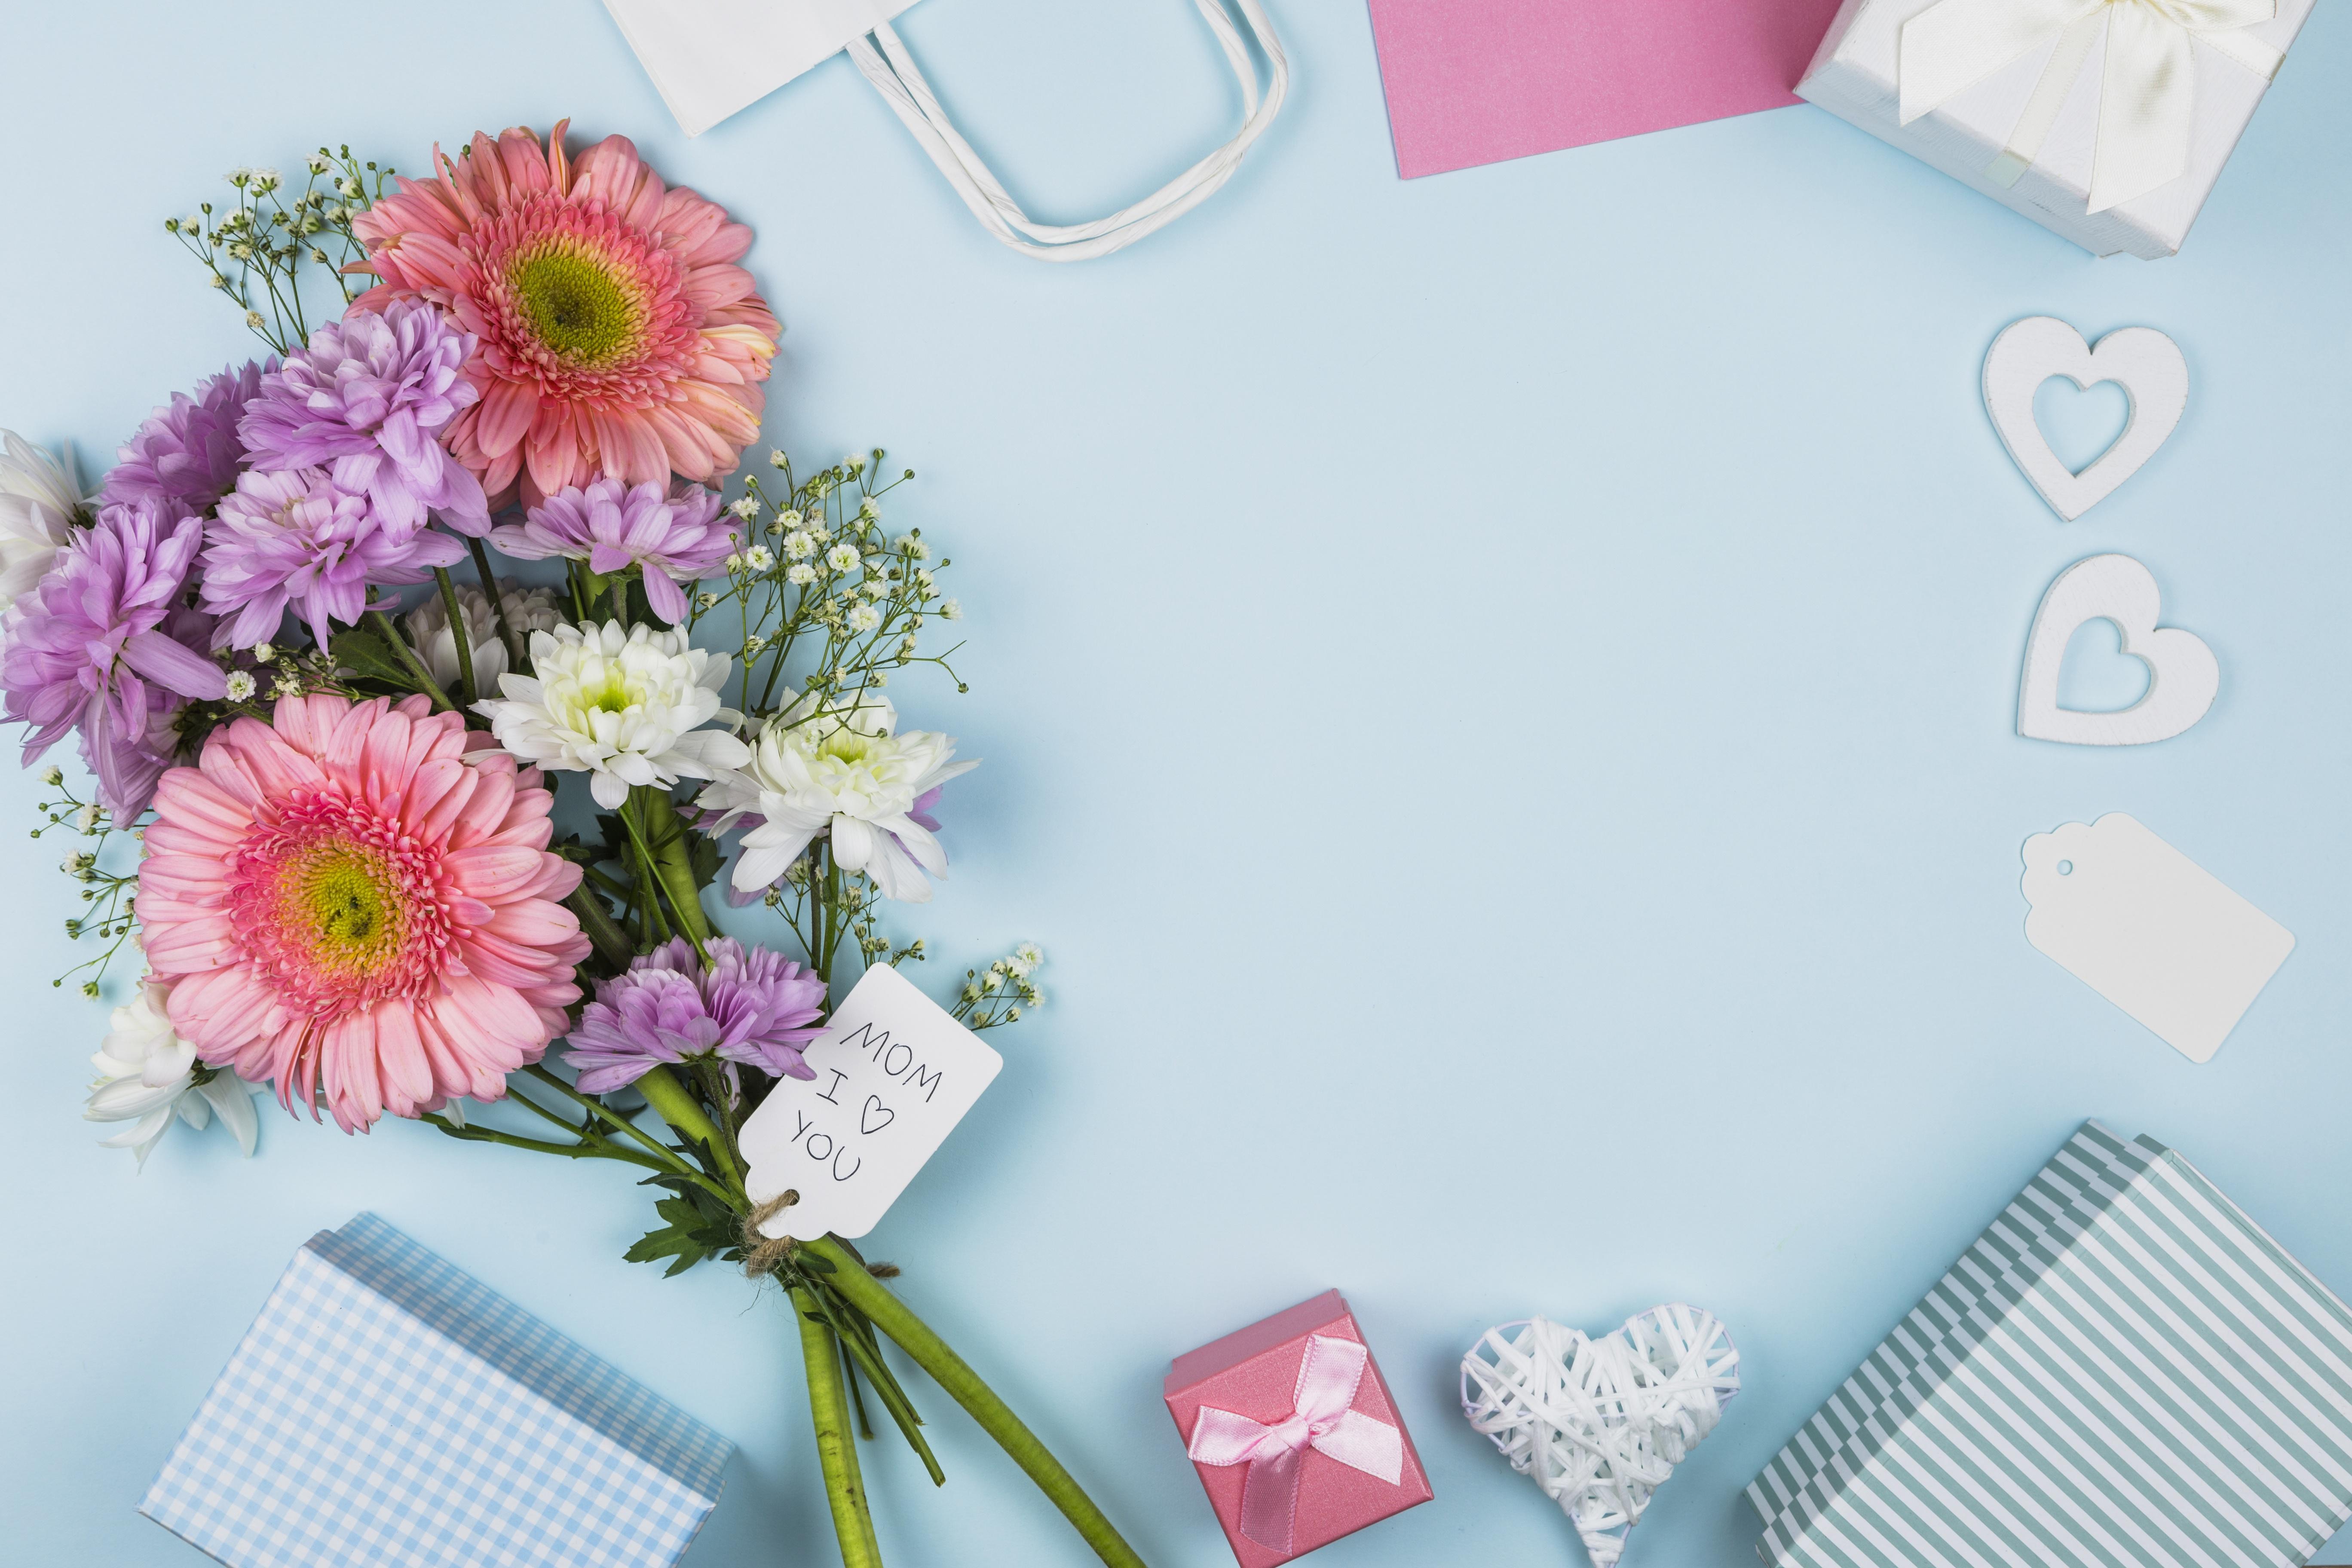 Картинки цветок букет Герберы Шаблон поздравительной открытки День матери Праздники 5472x3648 Цветы Букеты гербера